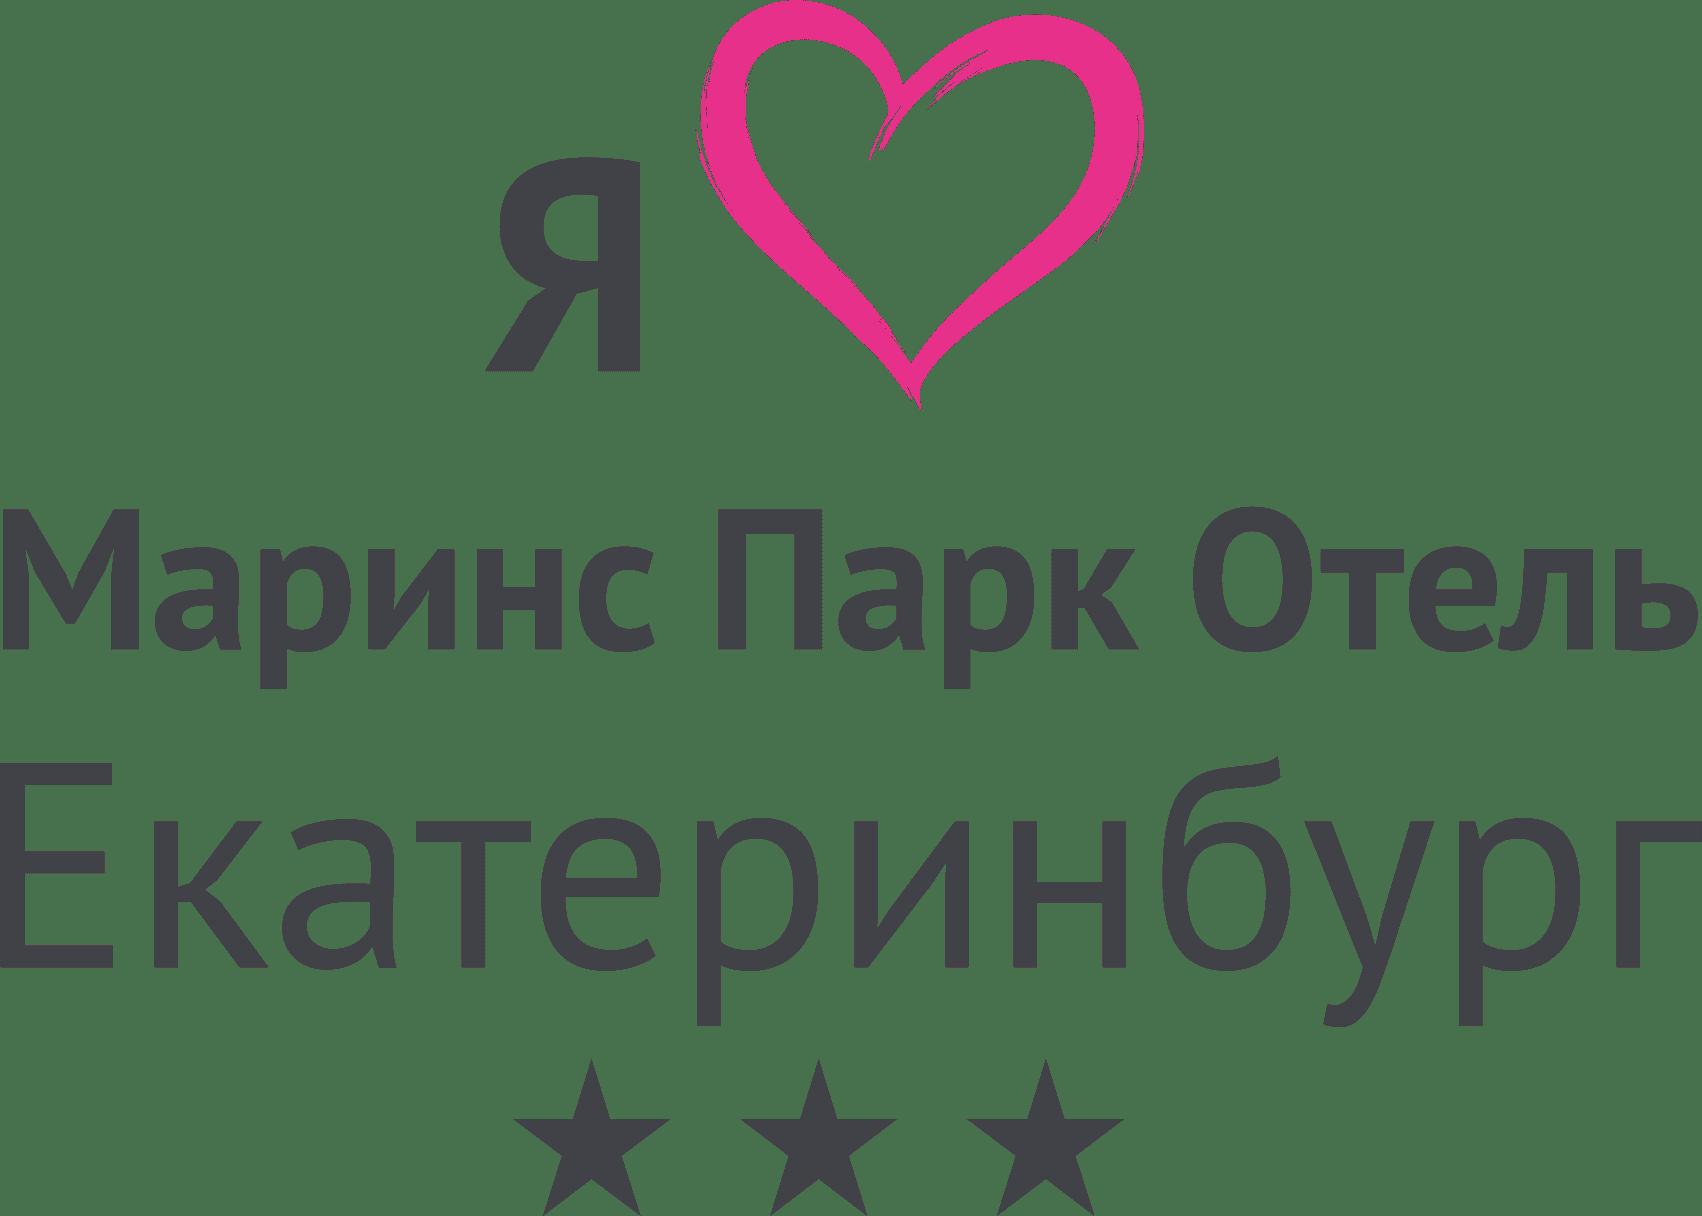 Маринс парк отель Екатеринбург